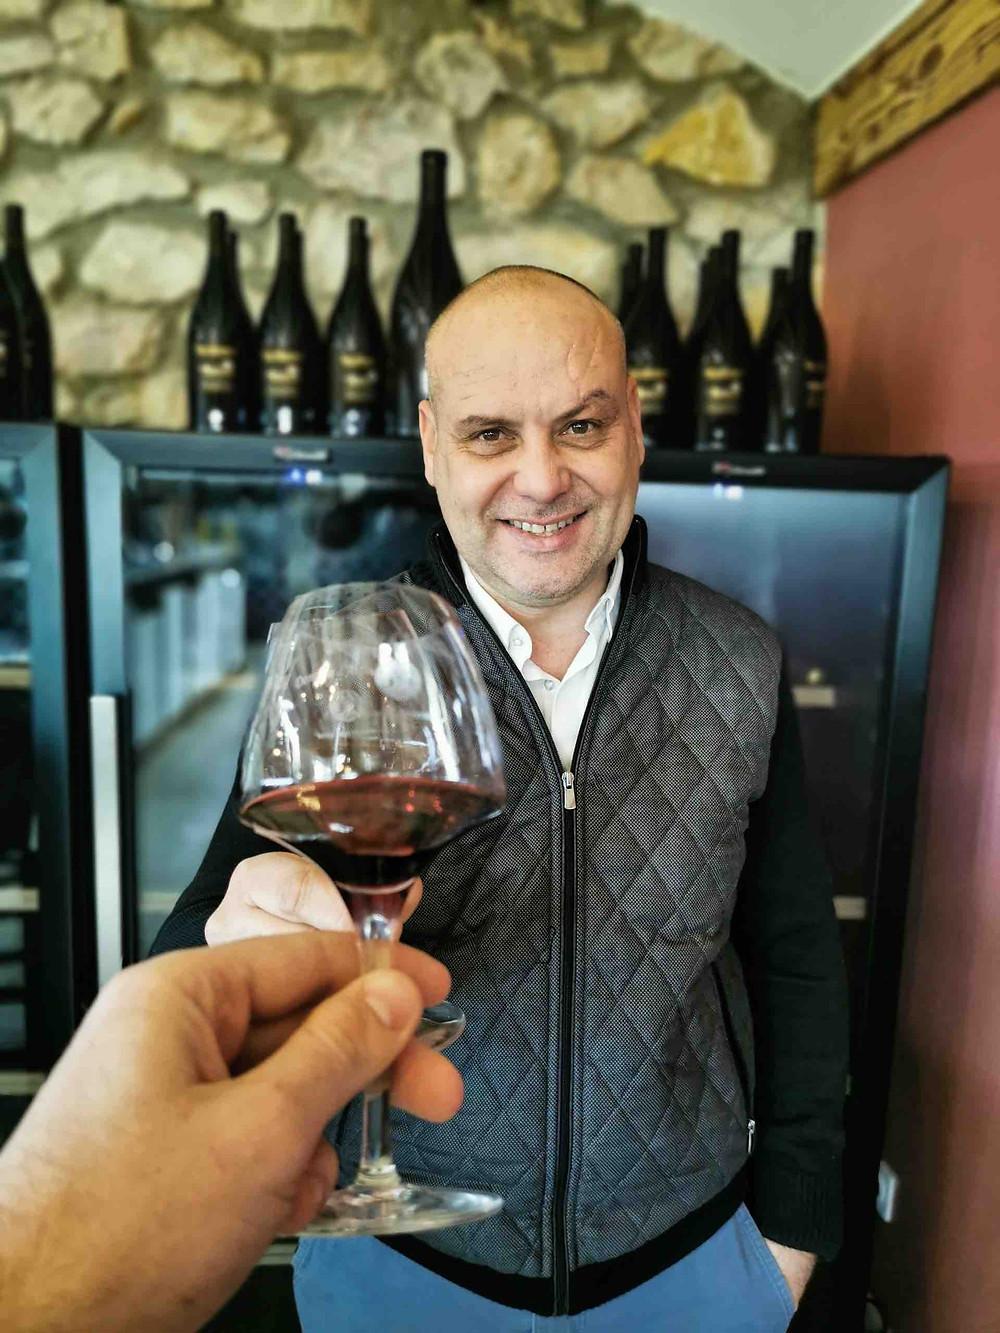 On voit Stéphane Charrier, vigneron, un verre à la main, en train de trinquer. il sourit.